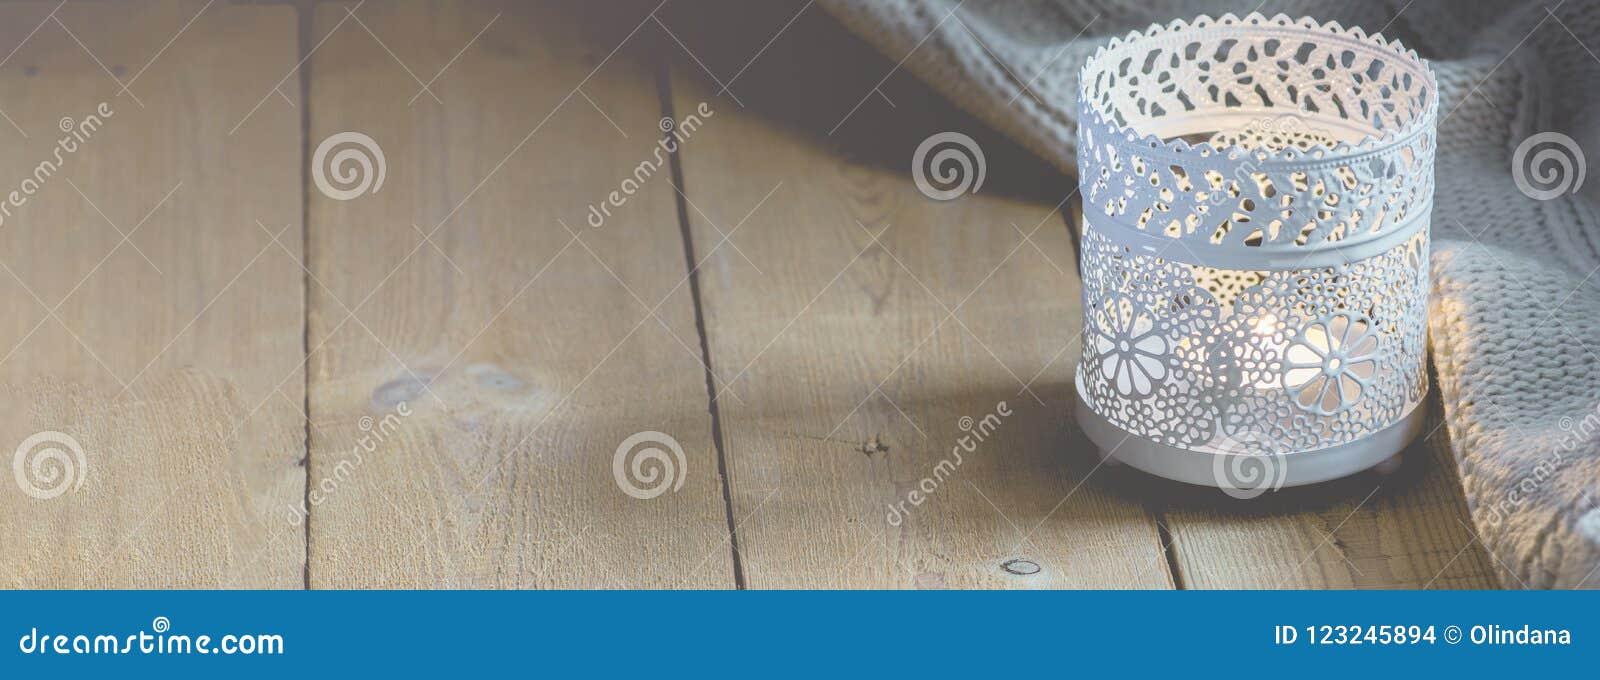 Långt baner för tröja för stearinljus för hemmiljöWebsitesLit stucken vit på den Wood tabellen för planka vid fönstret Hemtrevlig